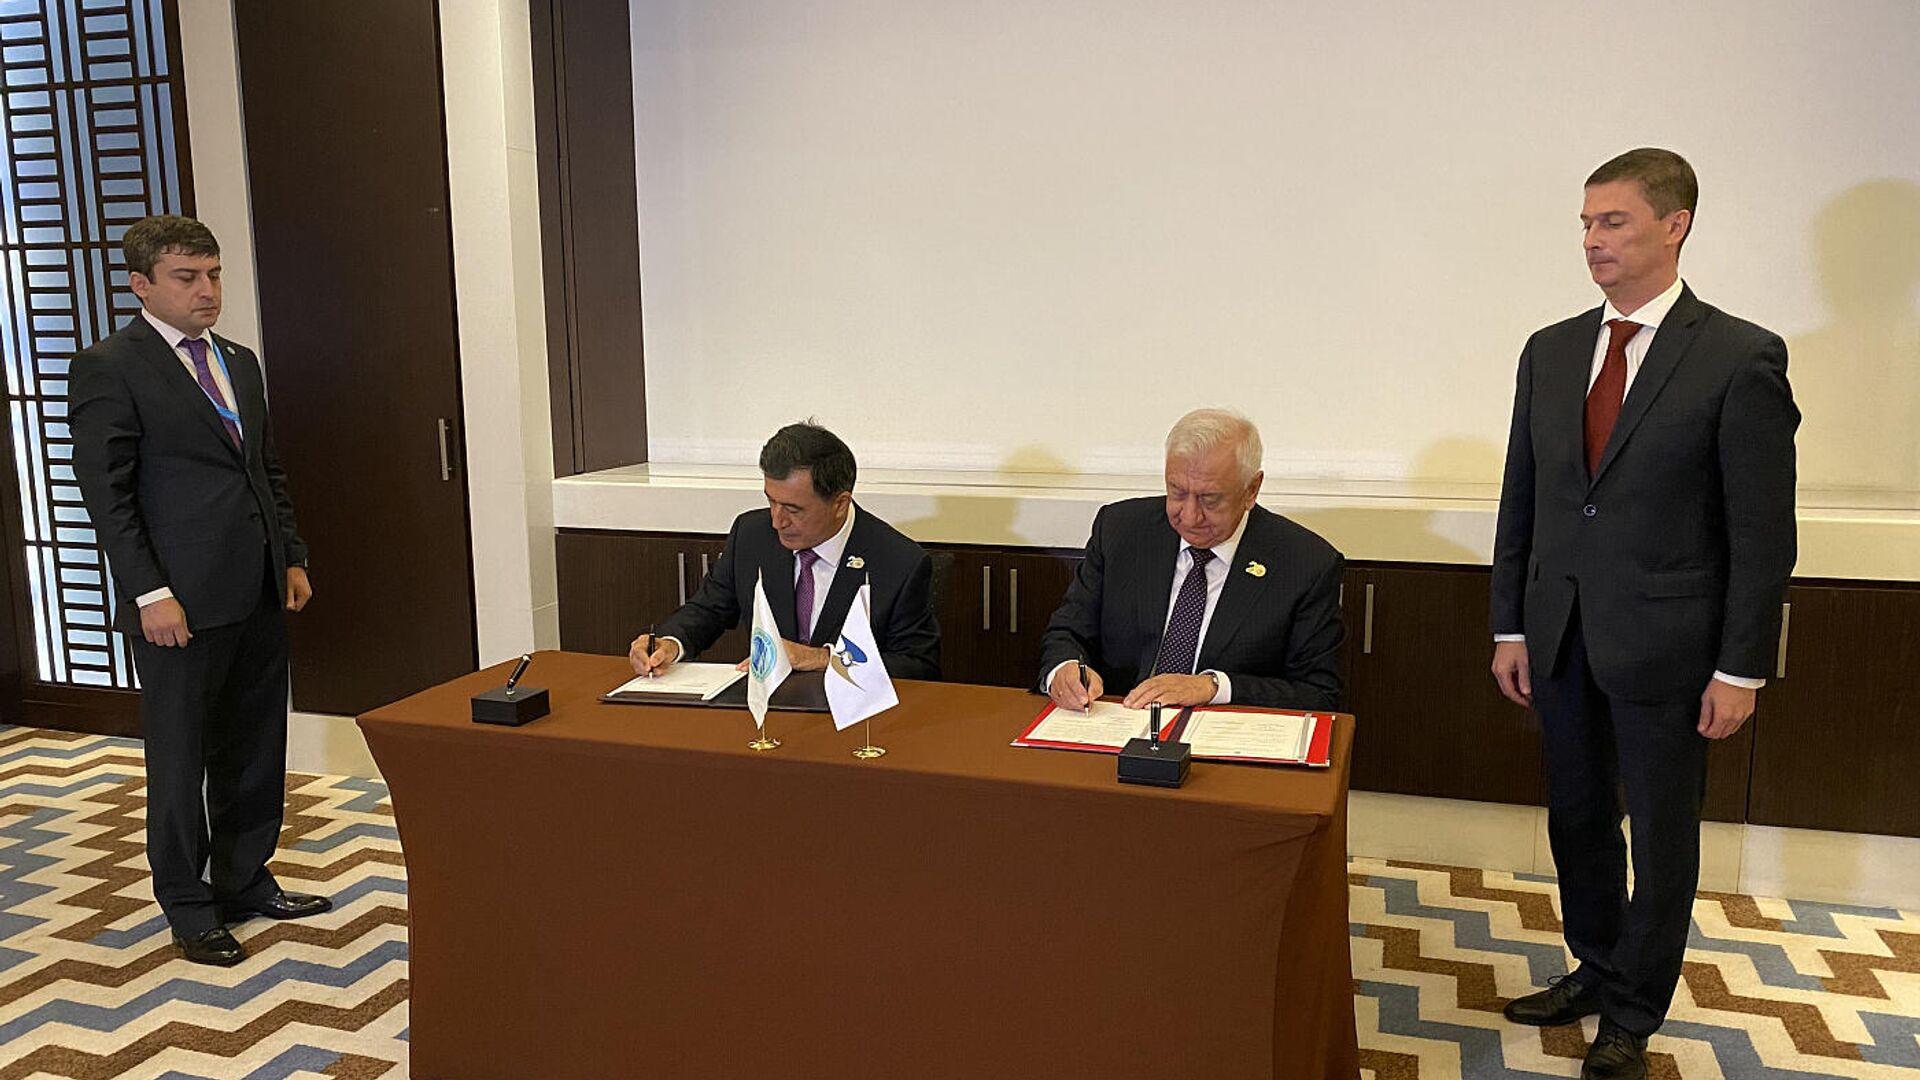 Подписание меморандума о сотрудничестве между ЕАЭС и ШОС - Sputnik Беларусь, 1920, 17.09.2021